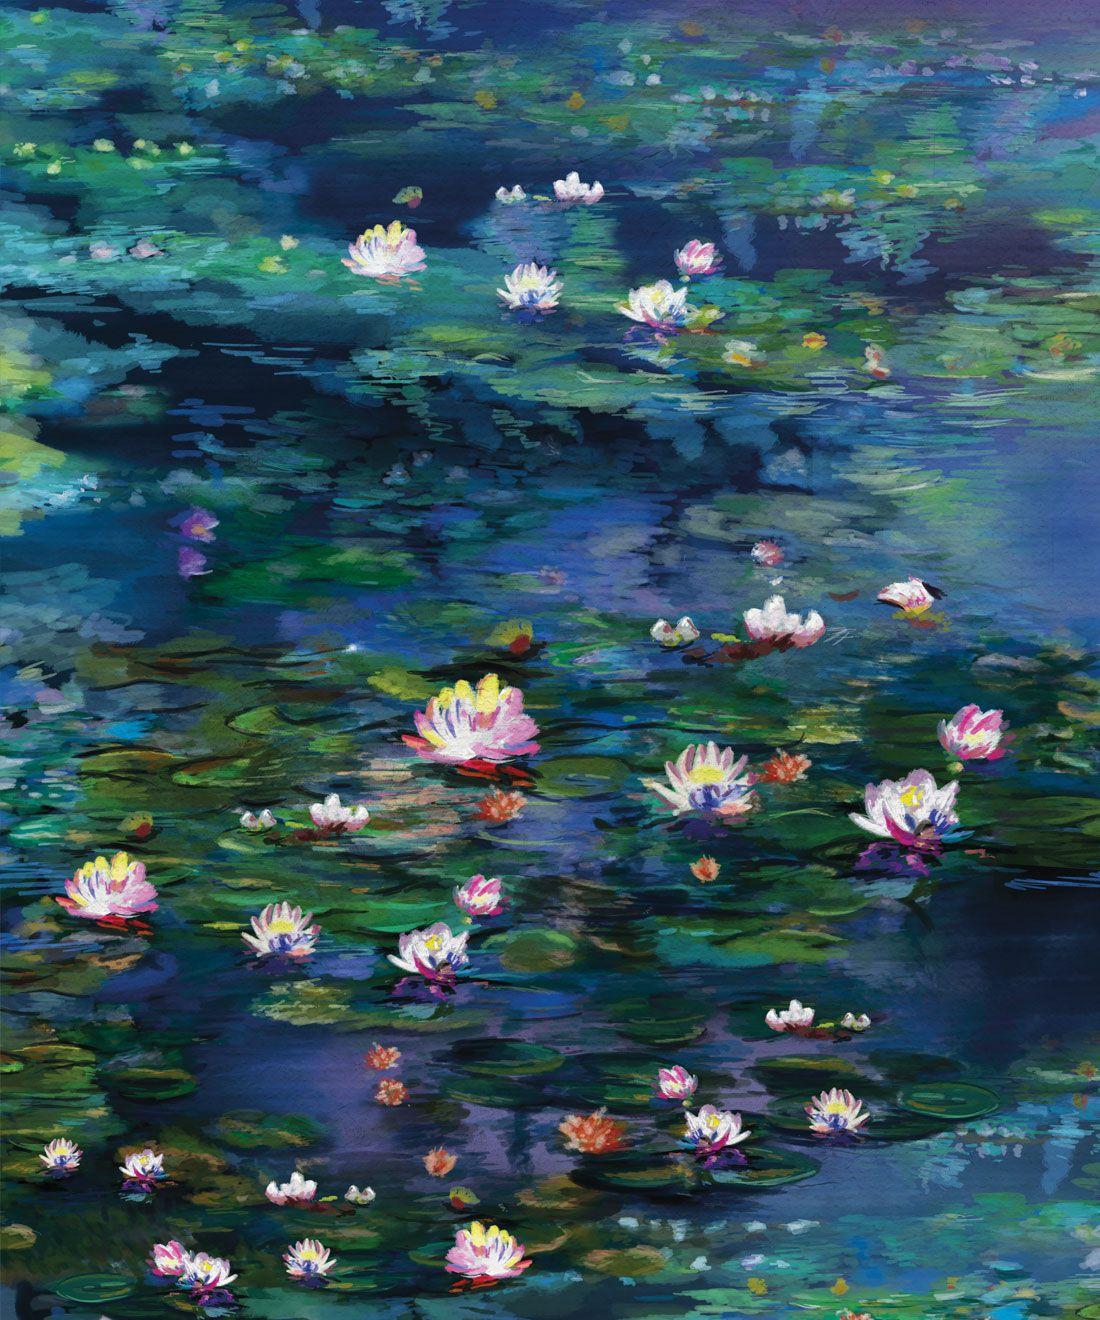 Water Lillies Wallpaper •Abstract Wallpaper • Dreamy Wallpaper • Blue Wallpaper •Swatch